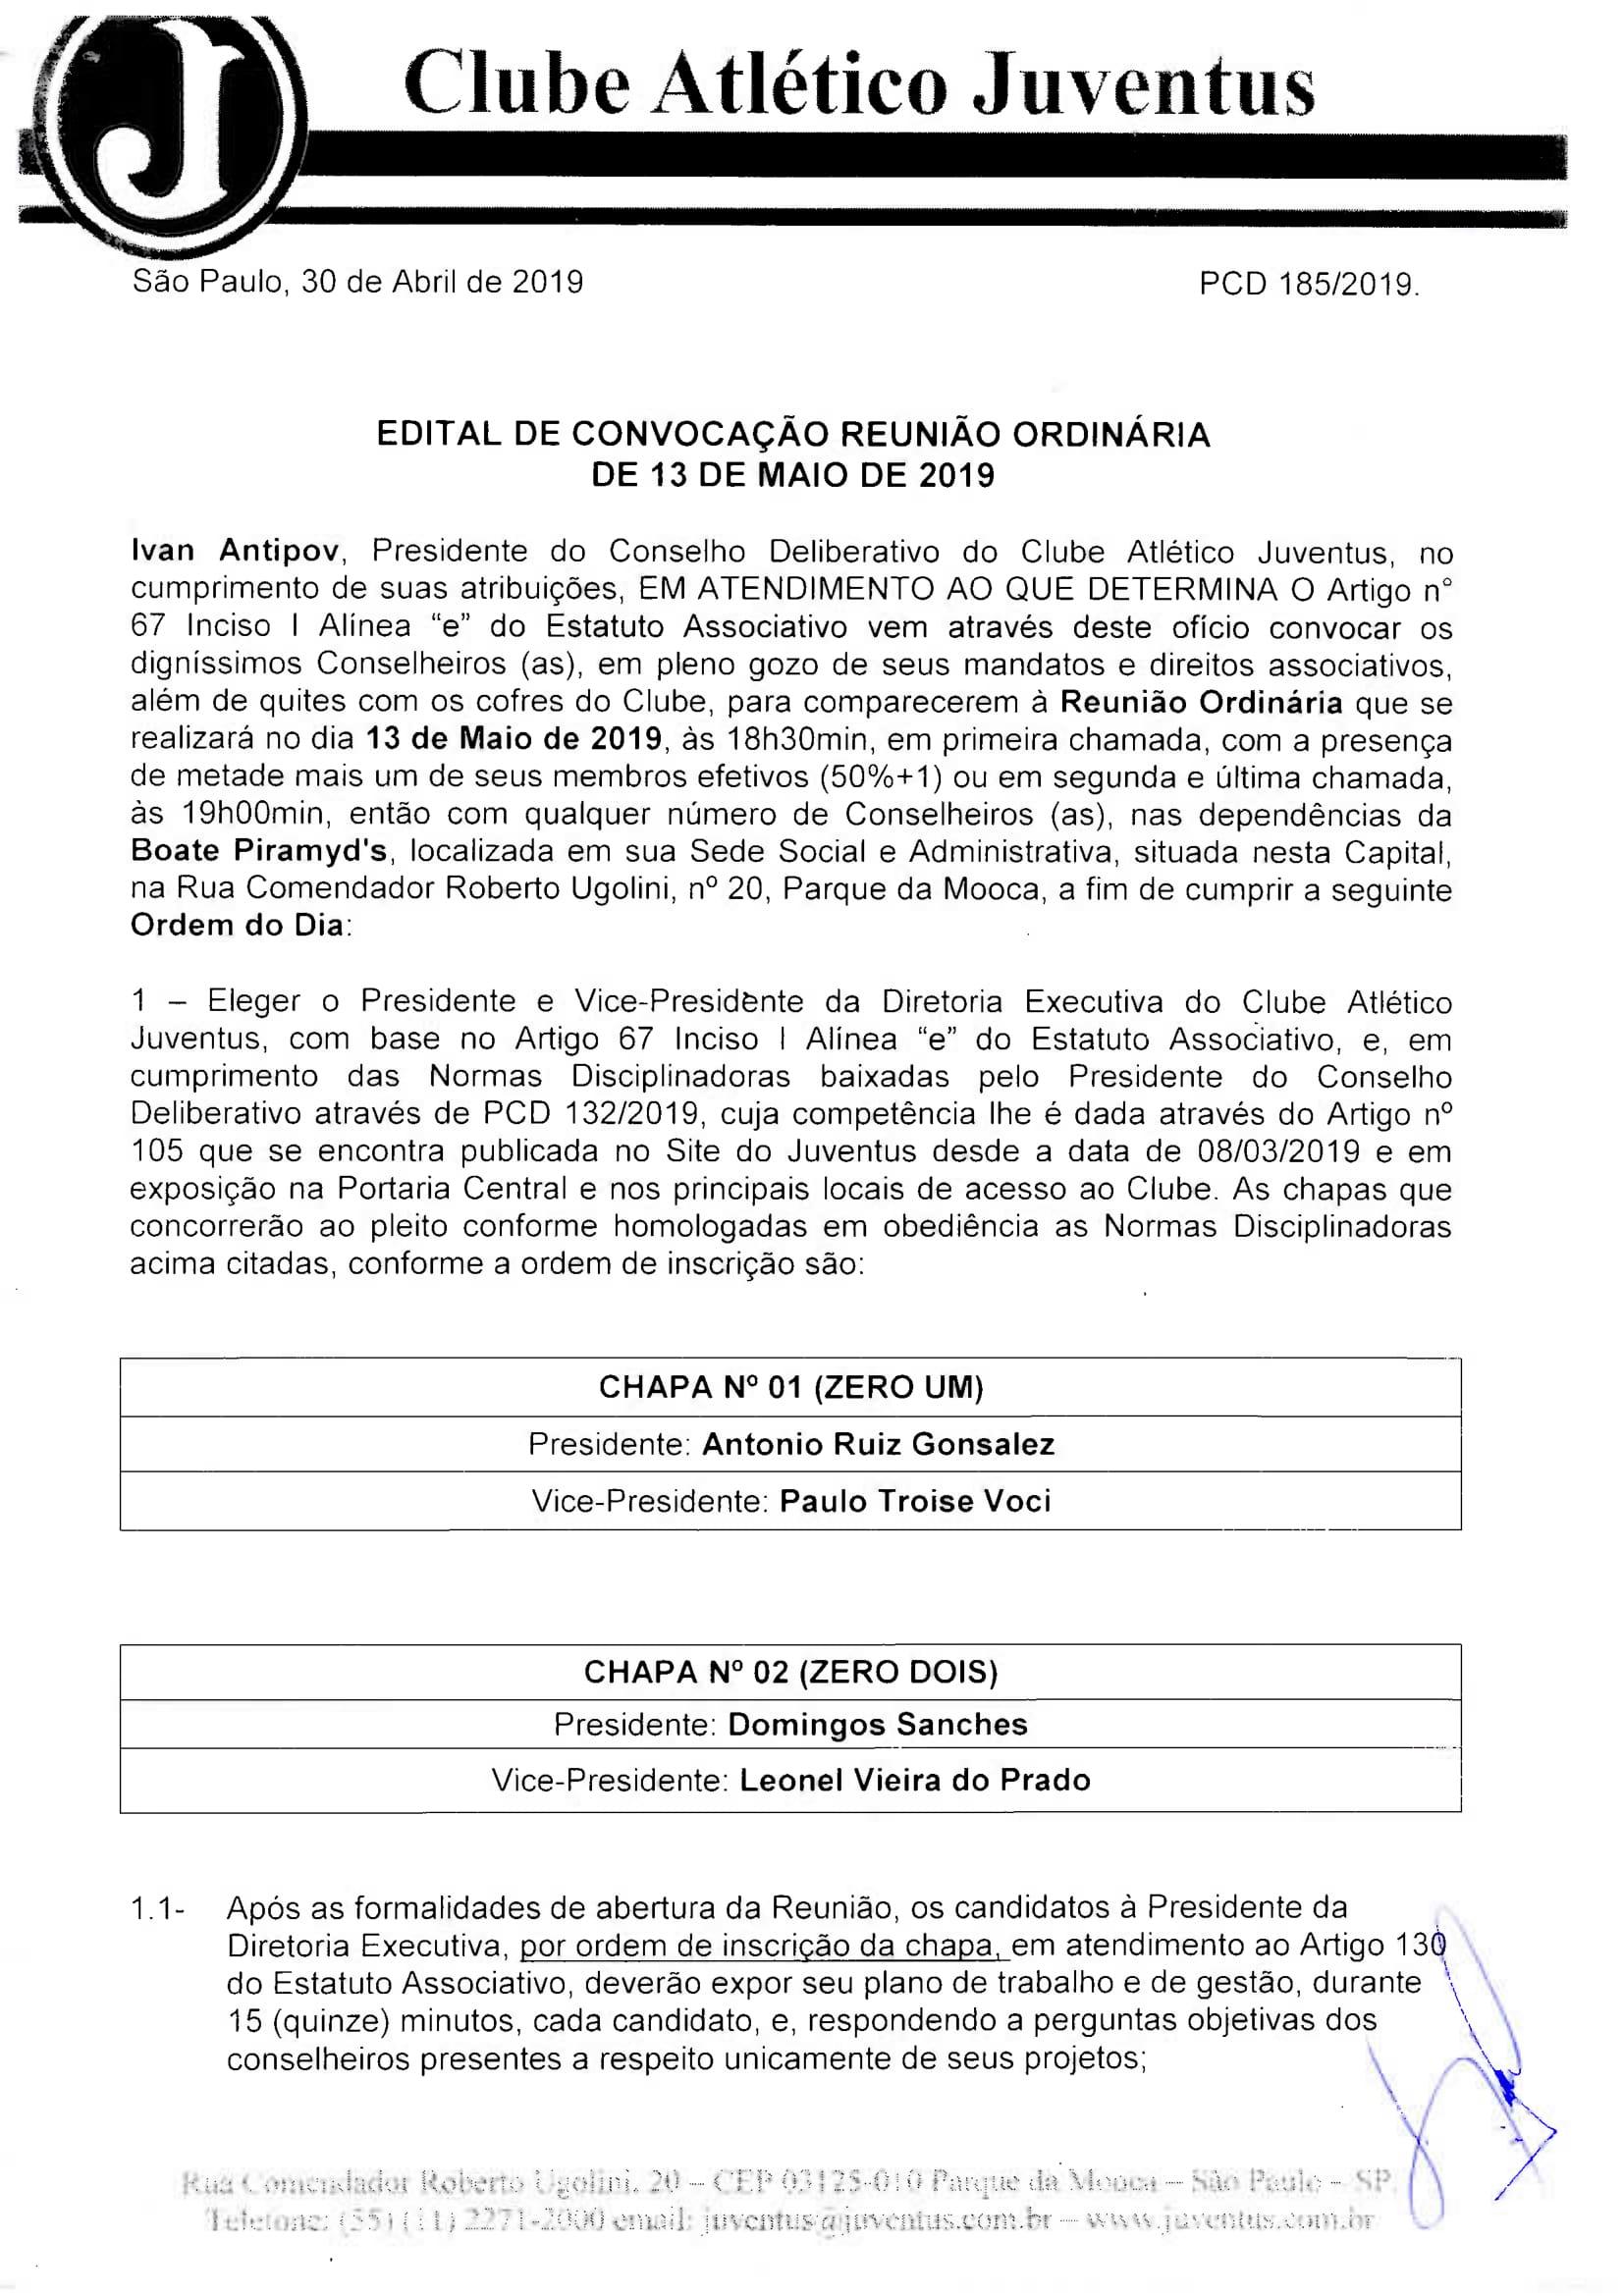 EDITAL DE CONVOCAÇÃO - REUNIÃO ORDINÁRIA 13-05-19084-1